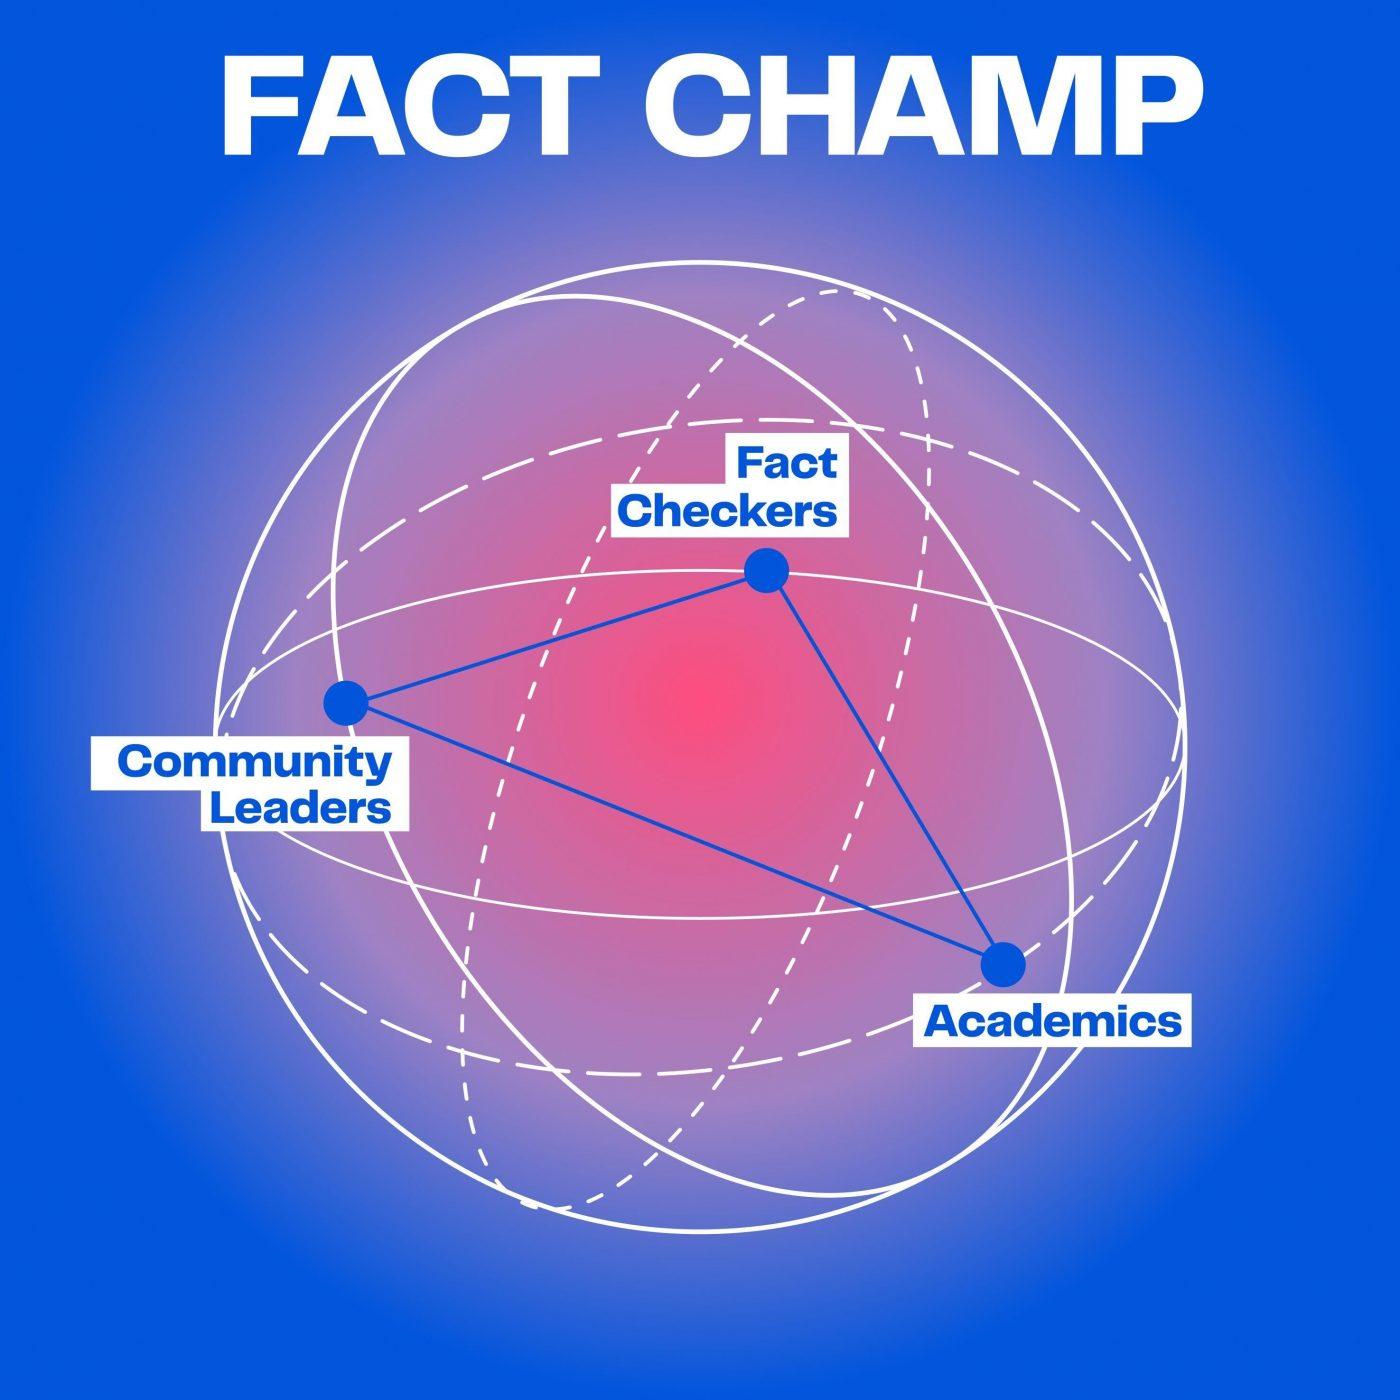 logo for FACT CHAMP